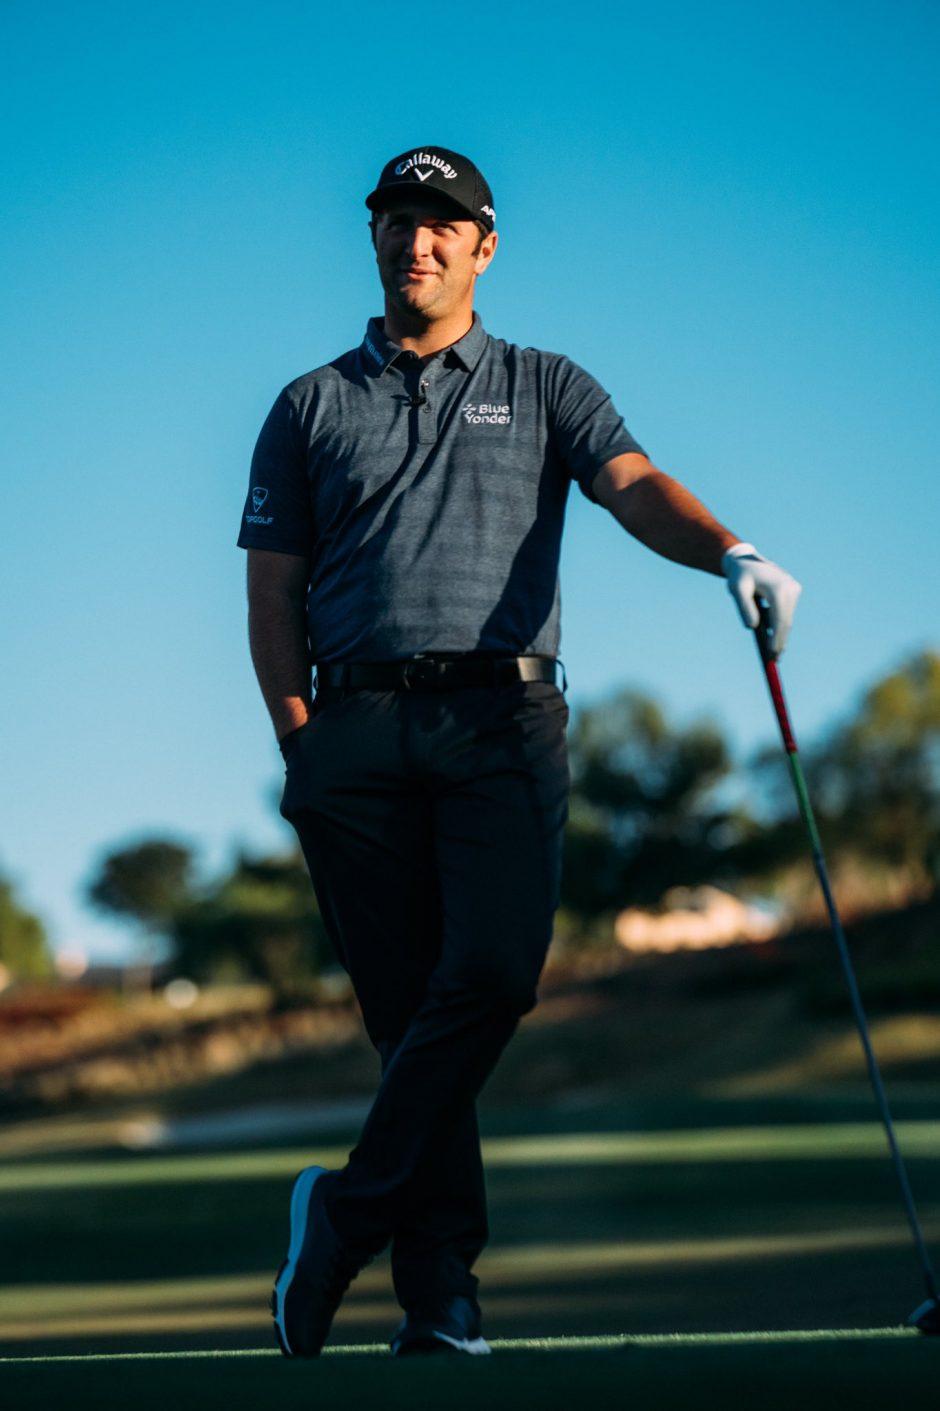 26-летнего гольфиста Джона Рама принудительно сняли с турнира из-за положительного теста на COVID-19 - 1